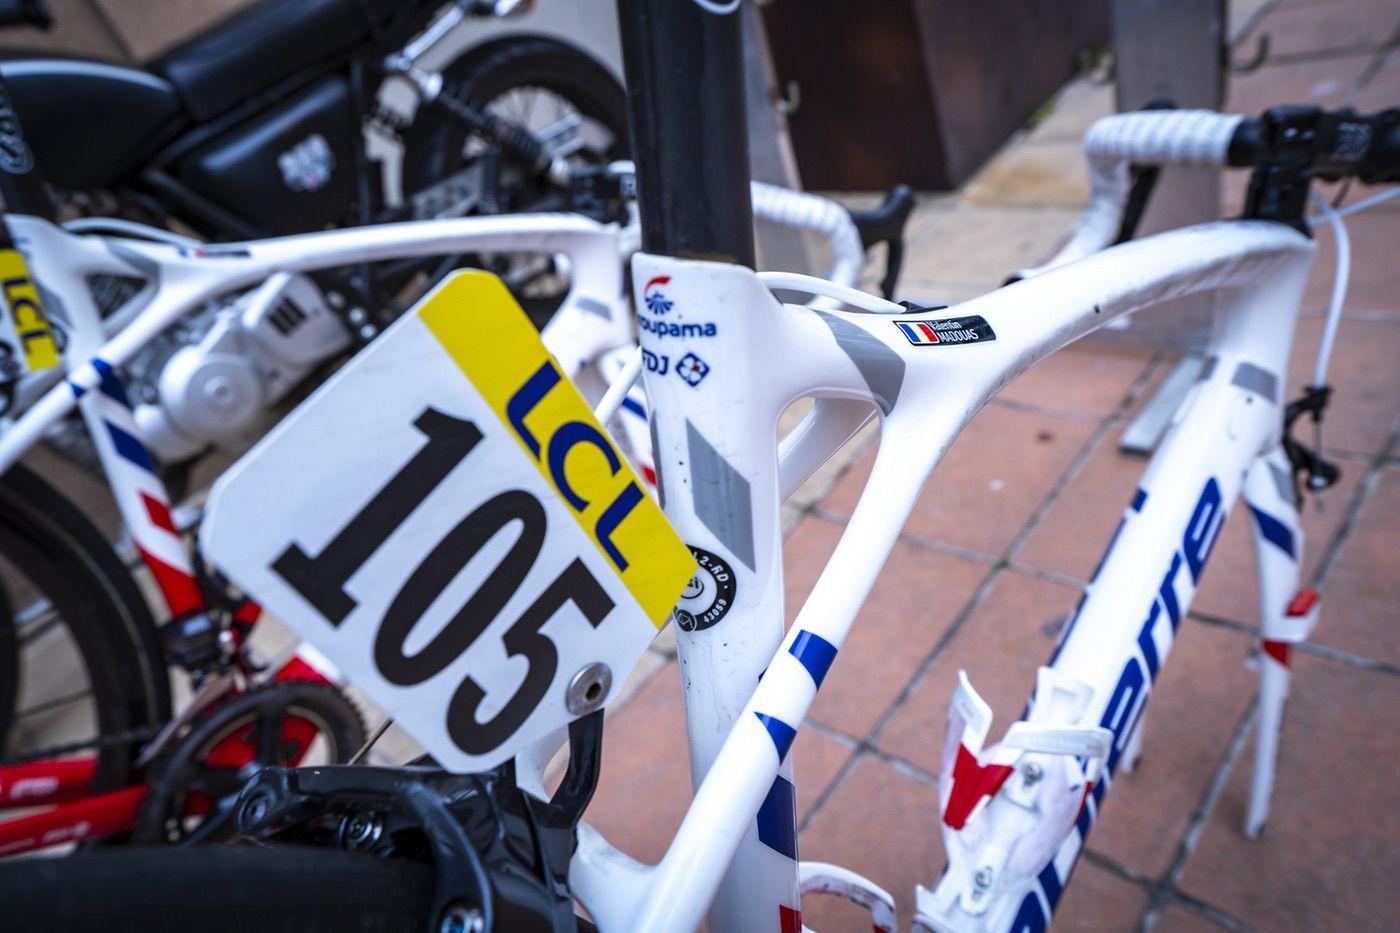 Bicicleta con dorsal de Groupama FDJ lista para competir